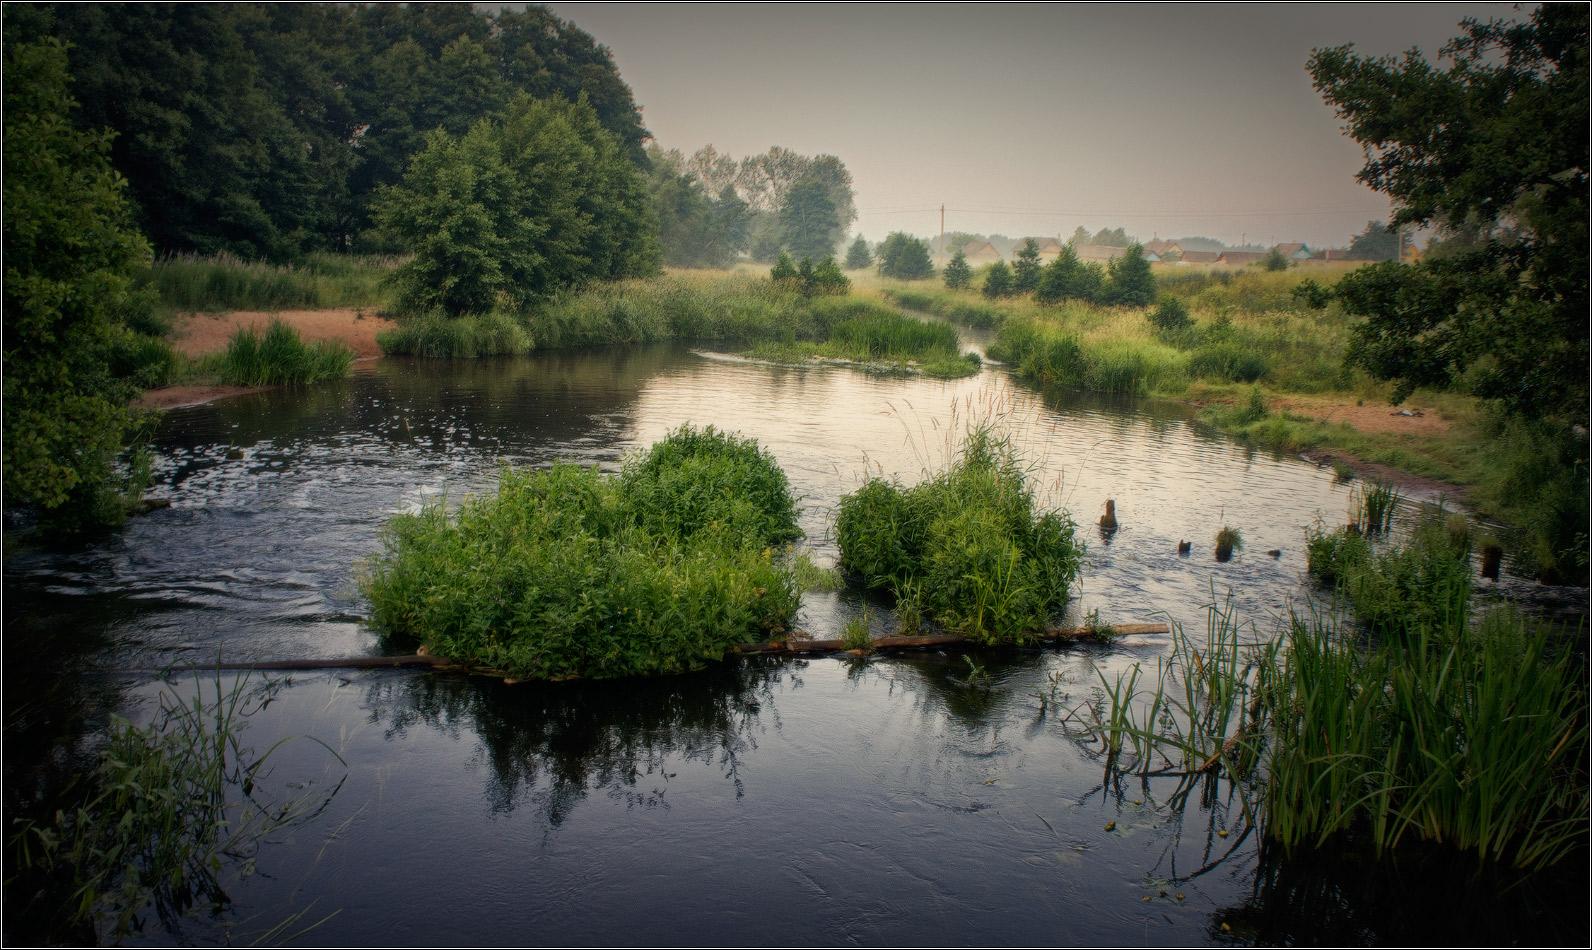 http://i1.imageban.ru/out/2012/07/12/5ac877a5c8474f2aa1be83b6a2a4b6b3.jpg